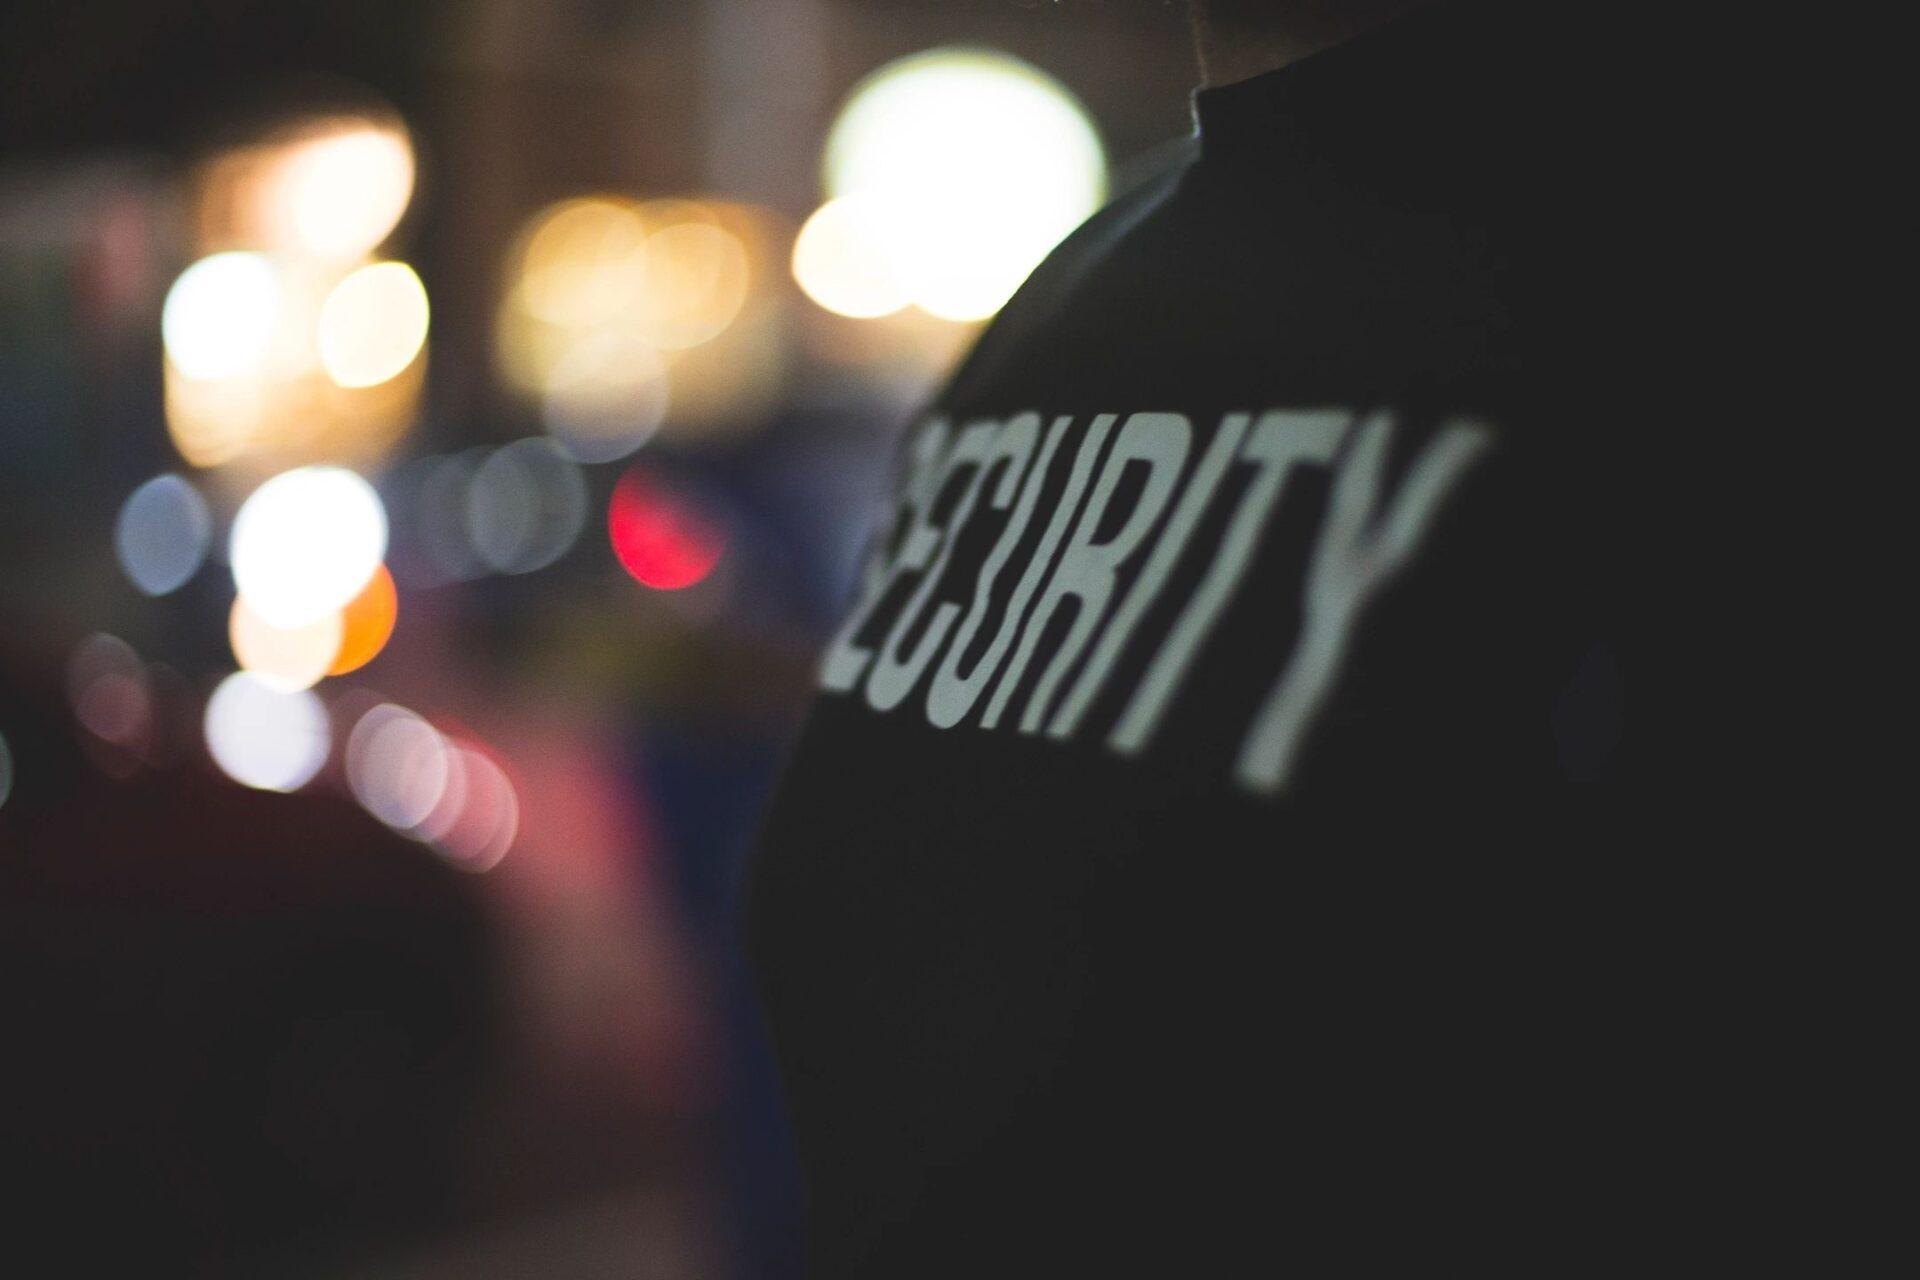 Bullitt Security